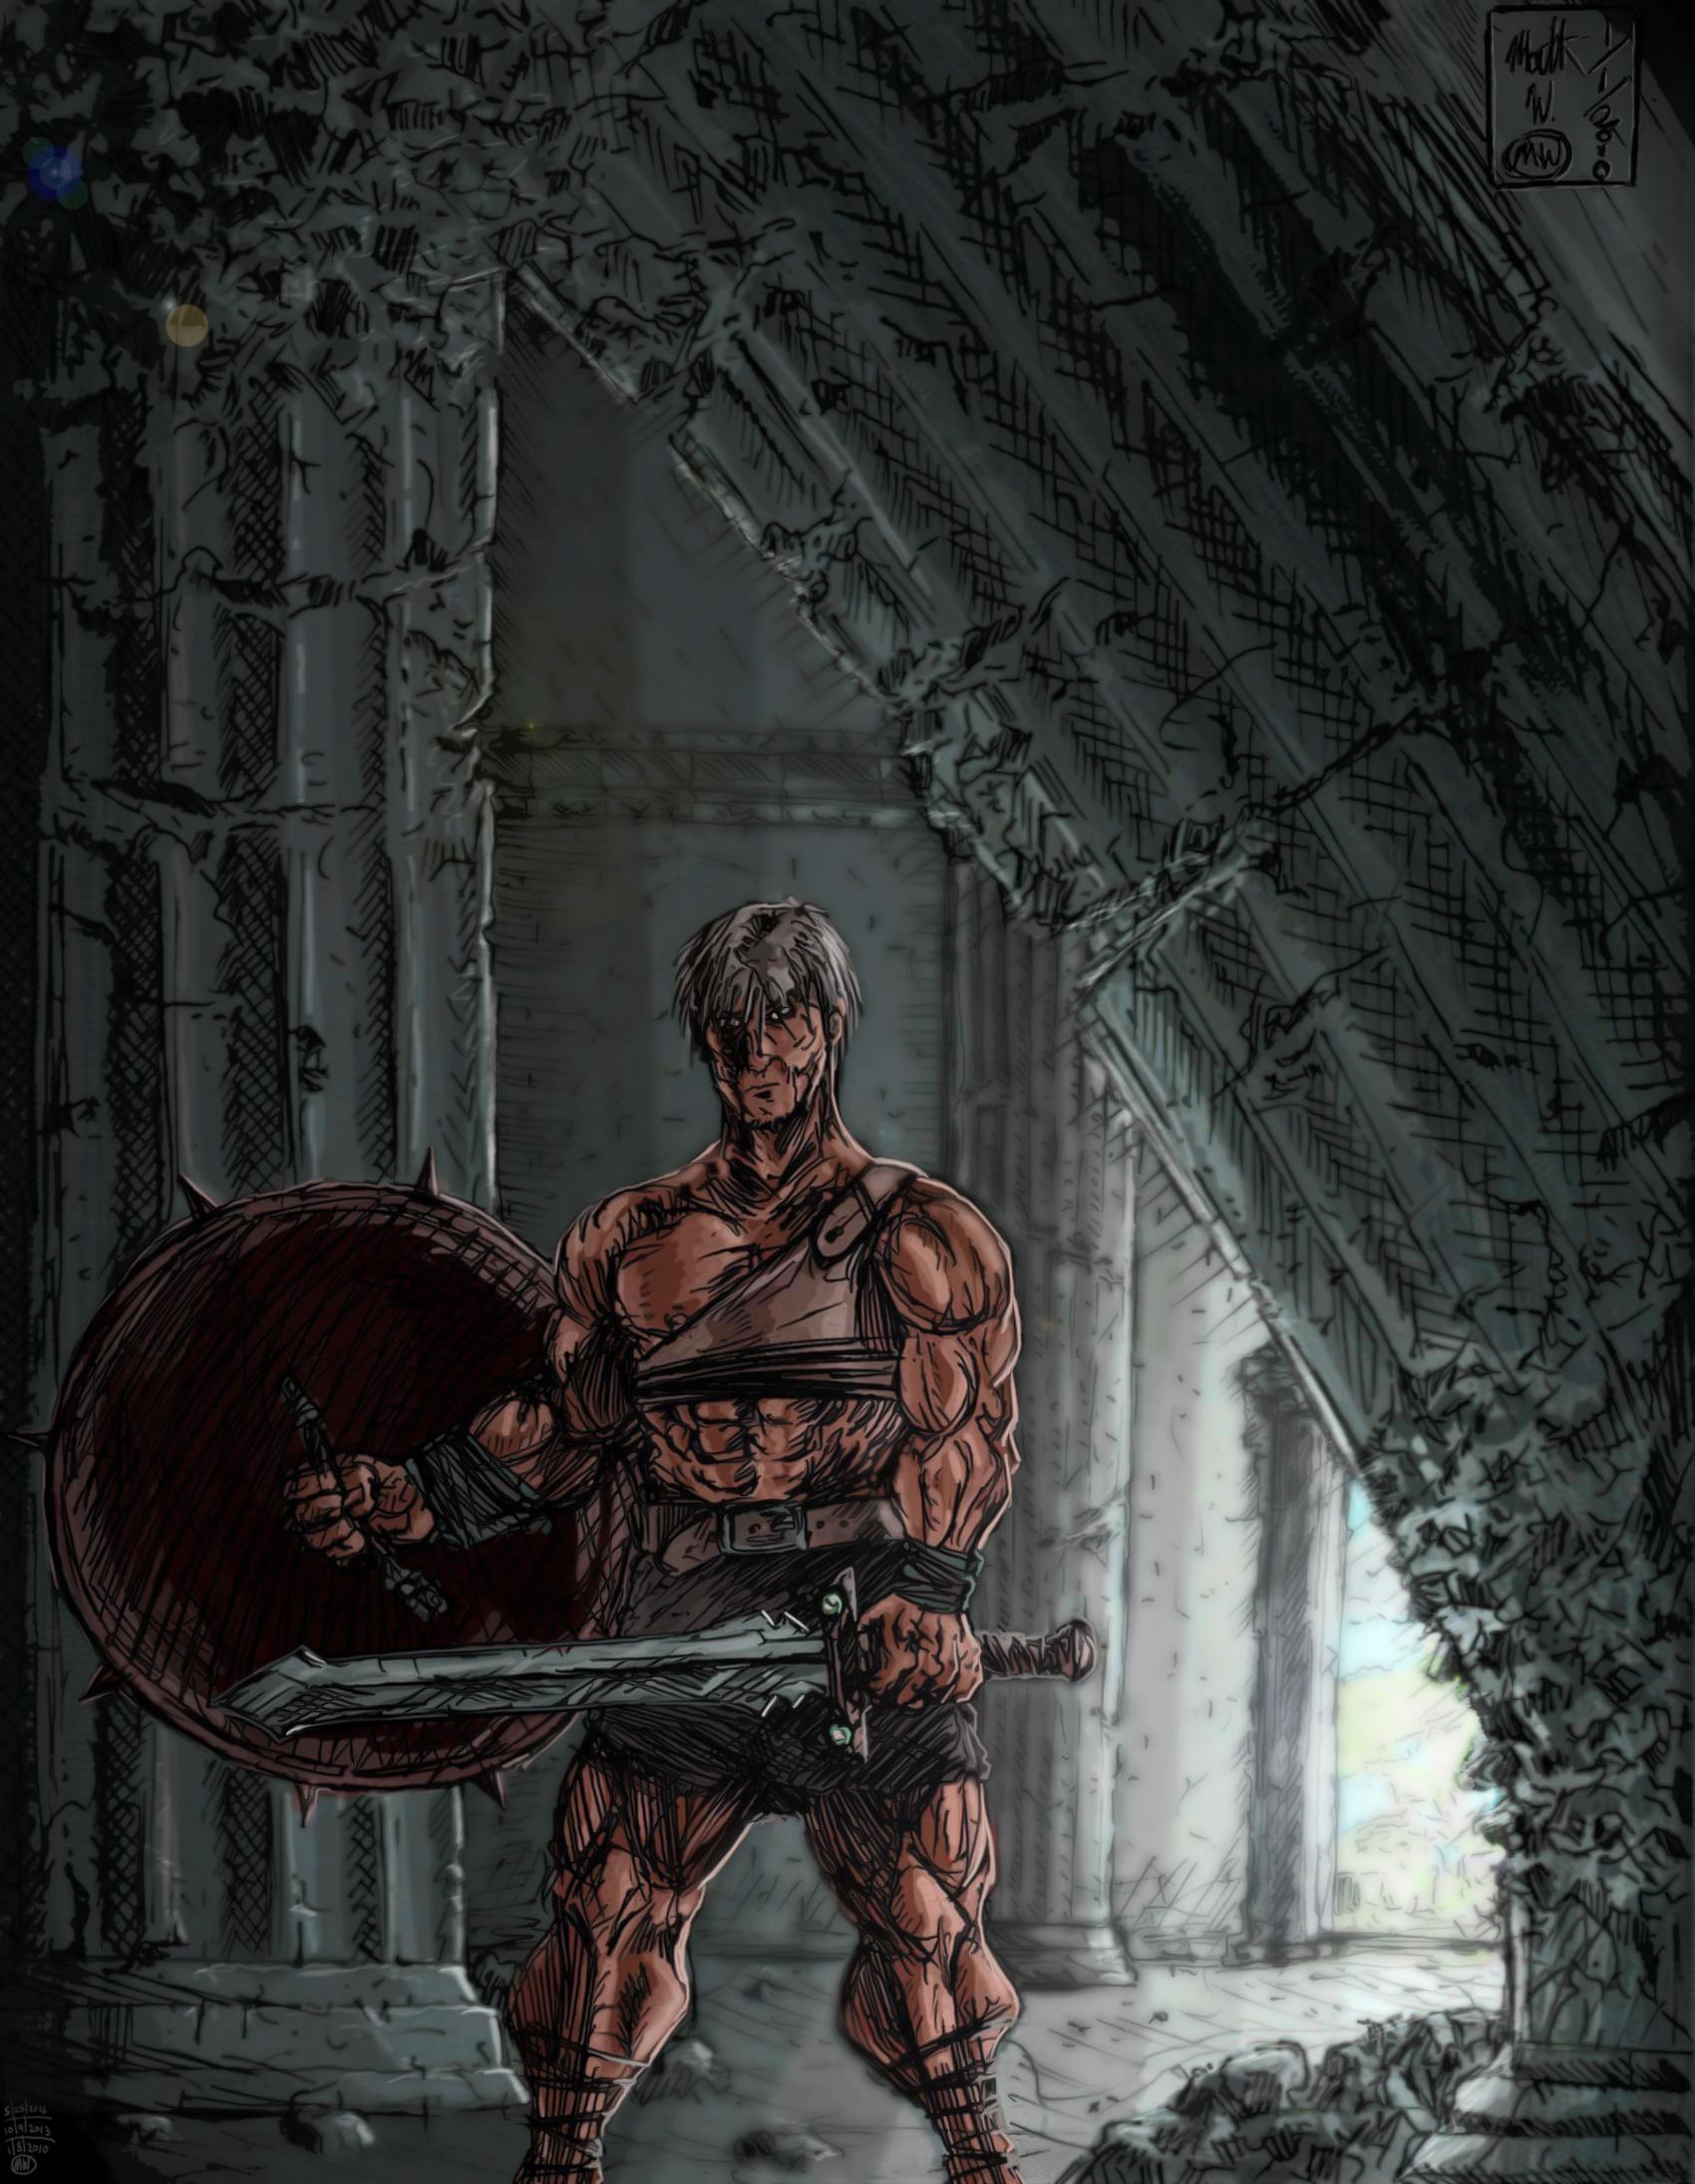 Warrior in ruins